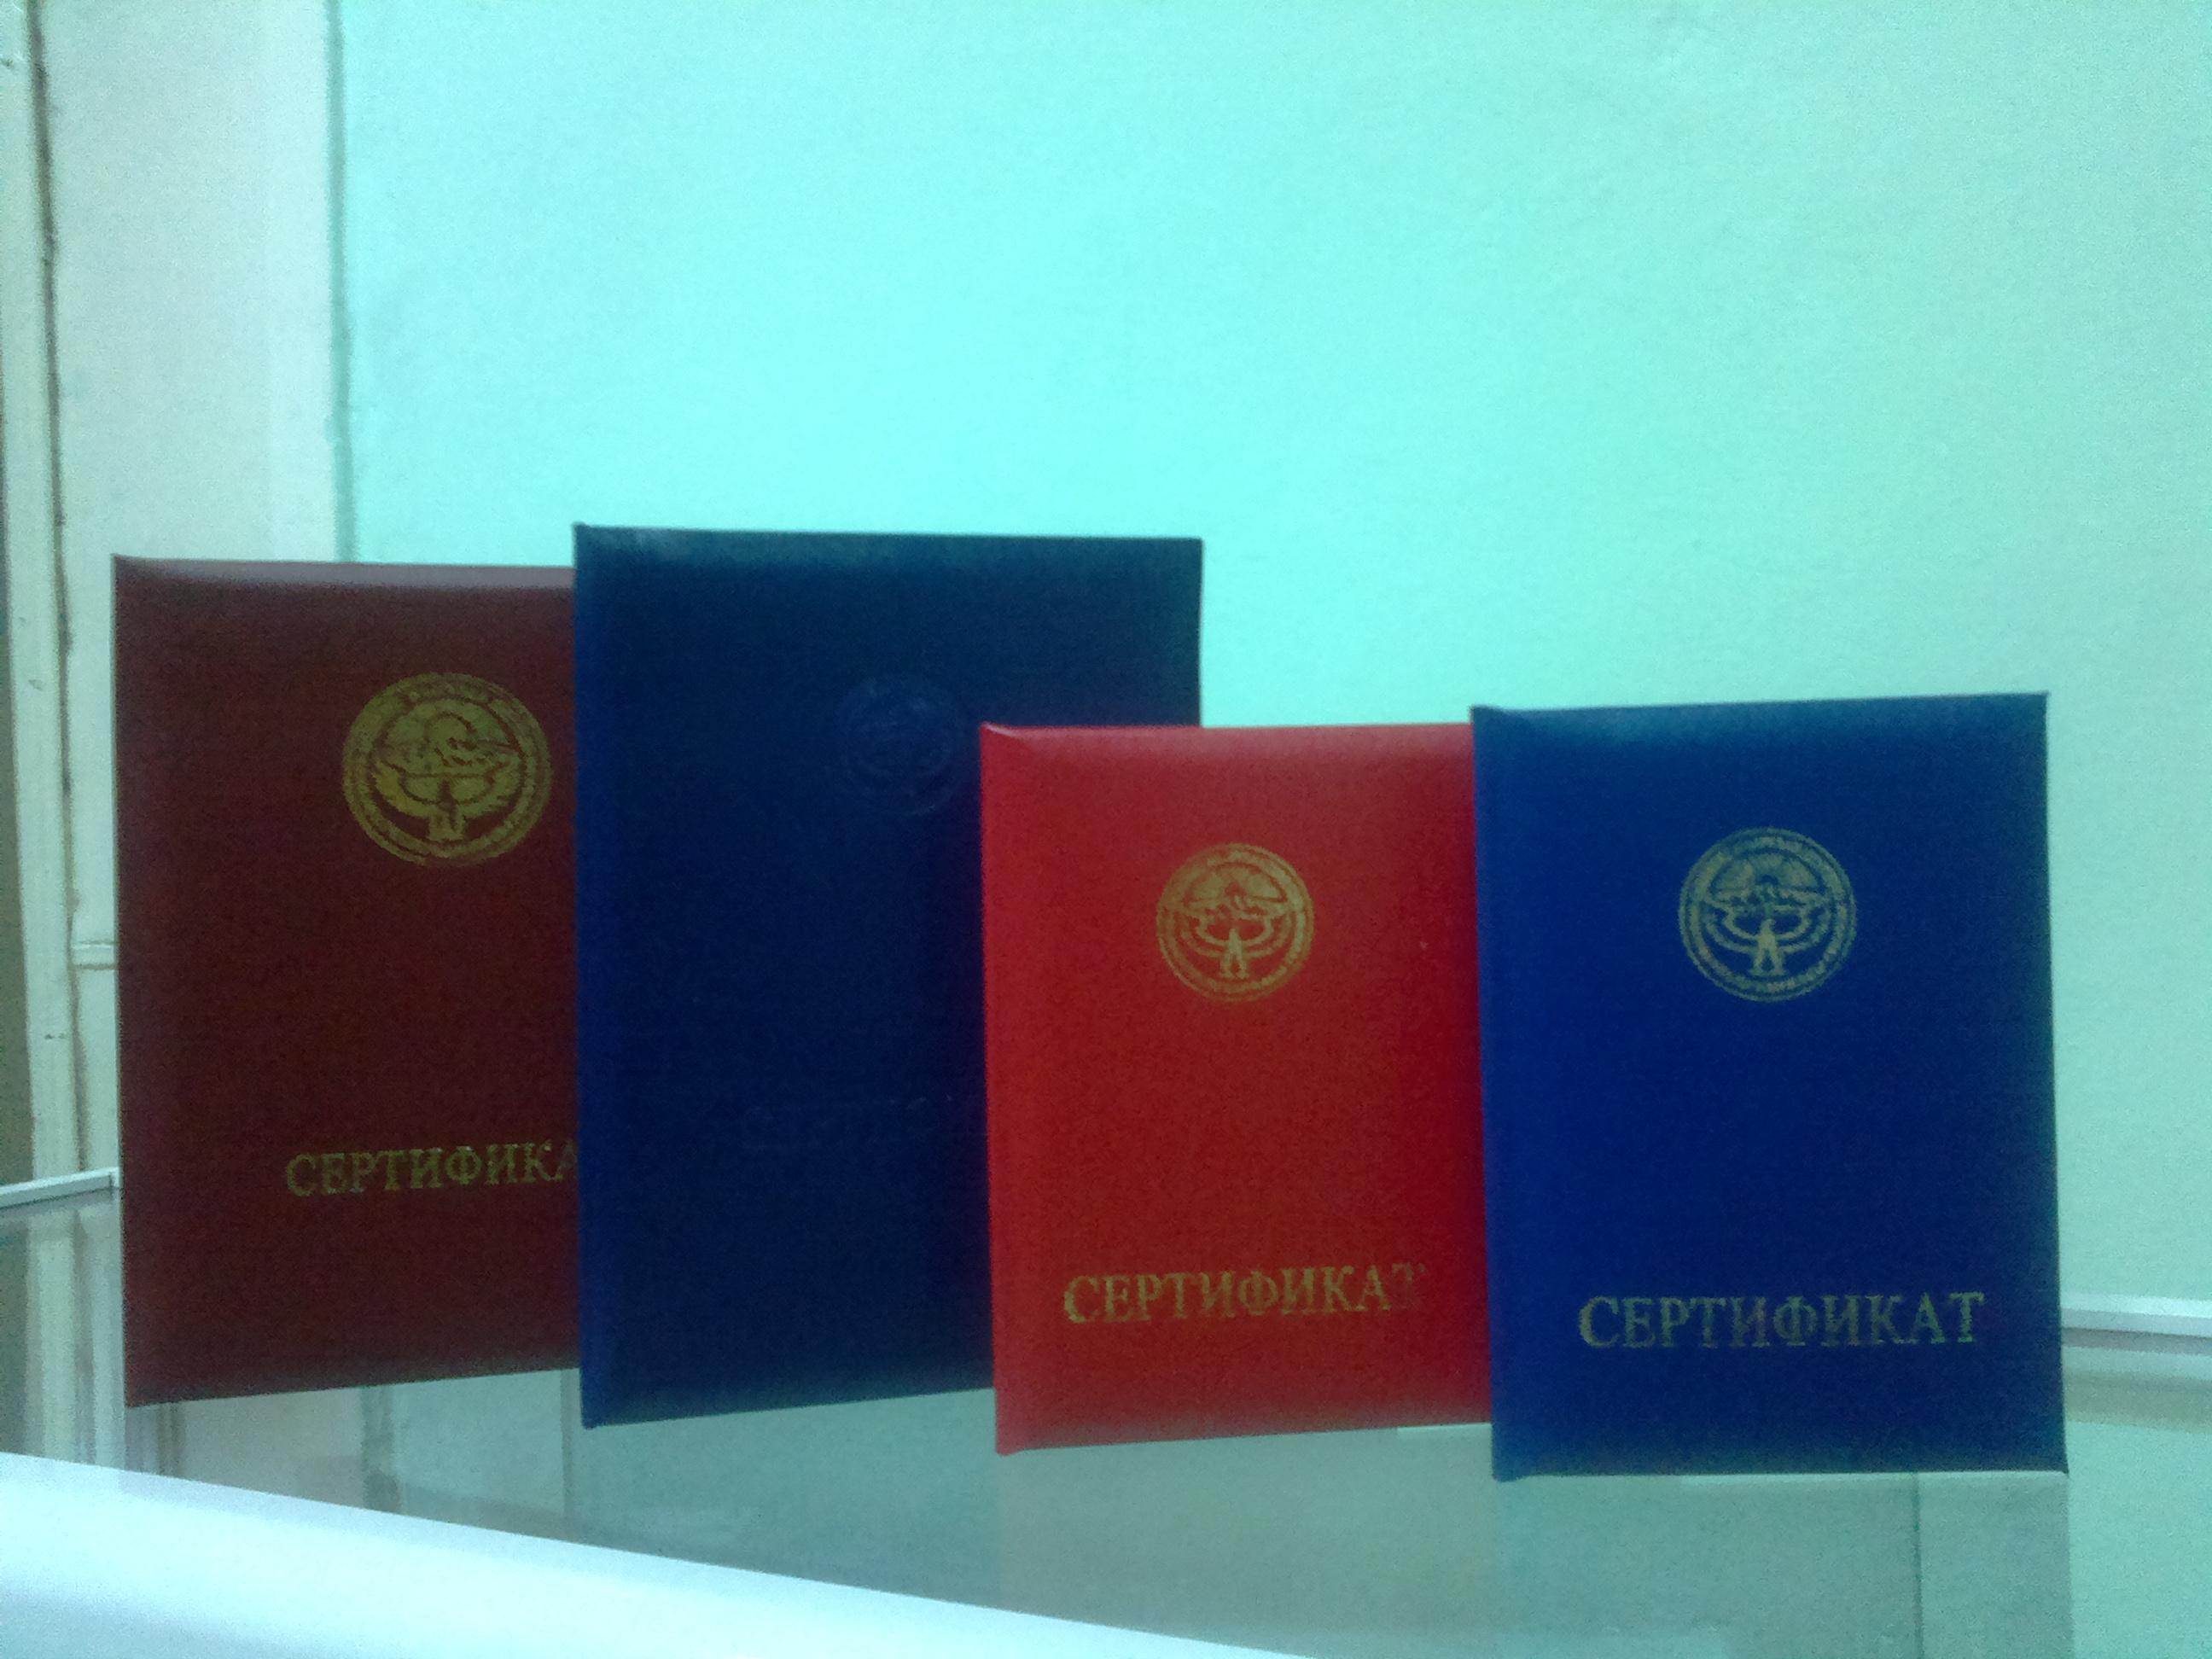 ЗАО Тартип Продукция Документы выпускаются на двух или трех языках кыргызский русский или кыргызский русский английский по выбору заказчика и имеют многоуровневую защиту от